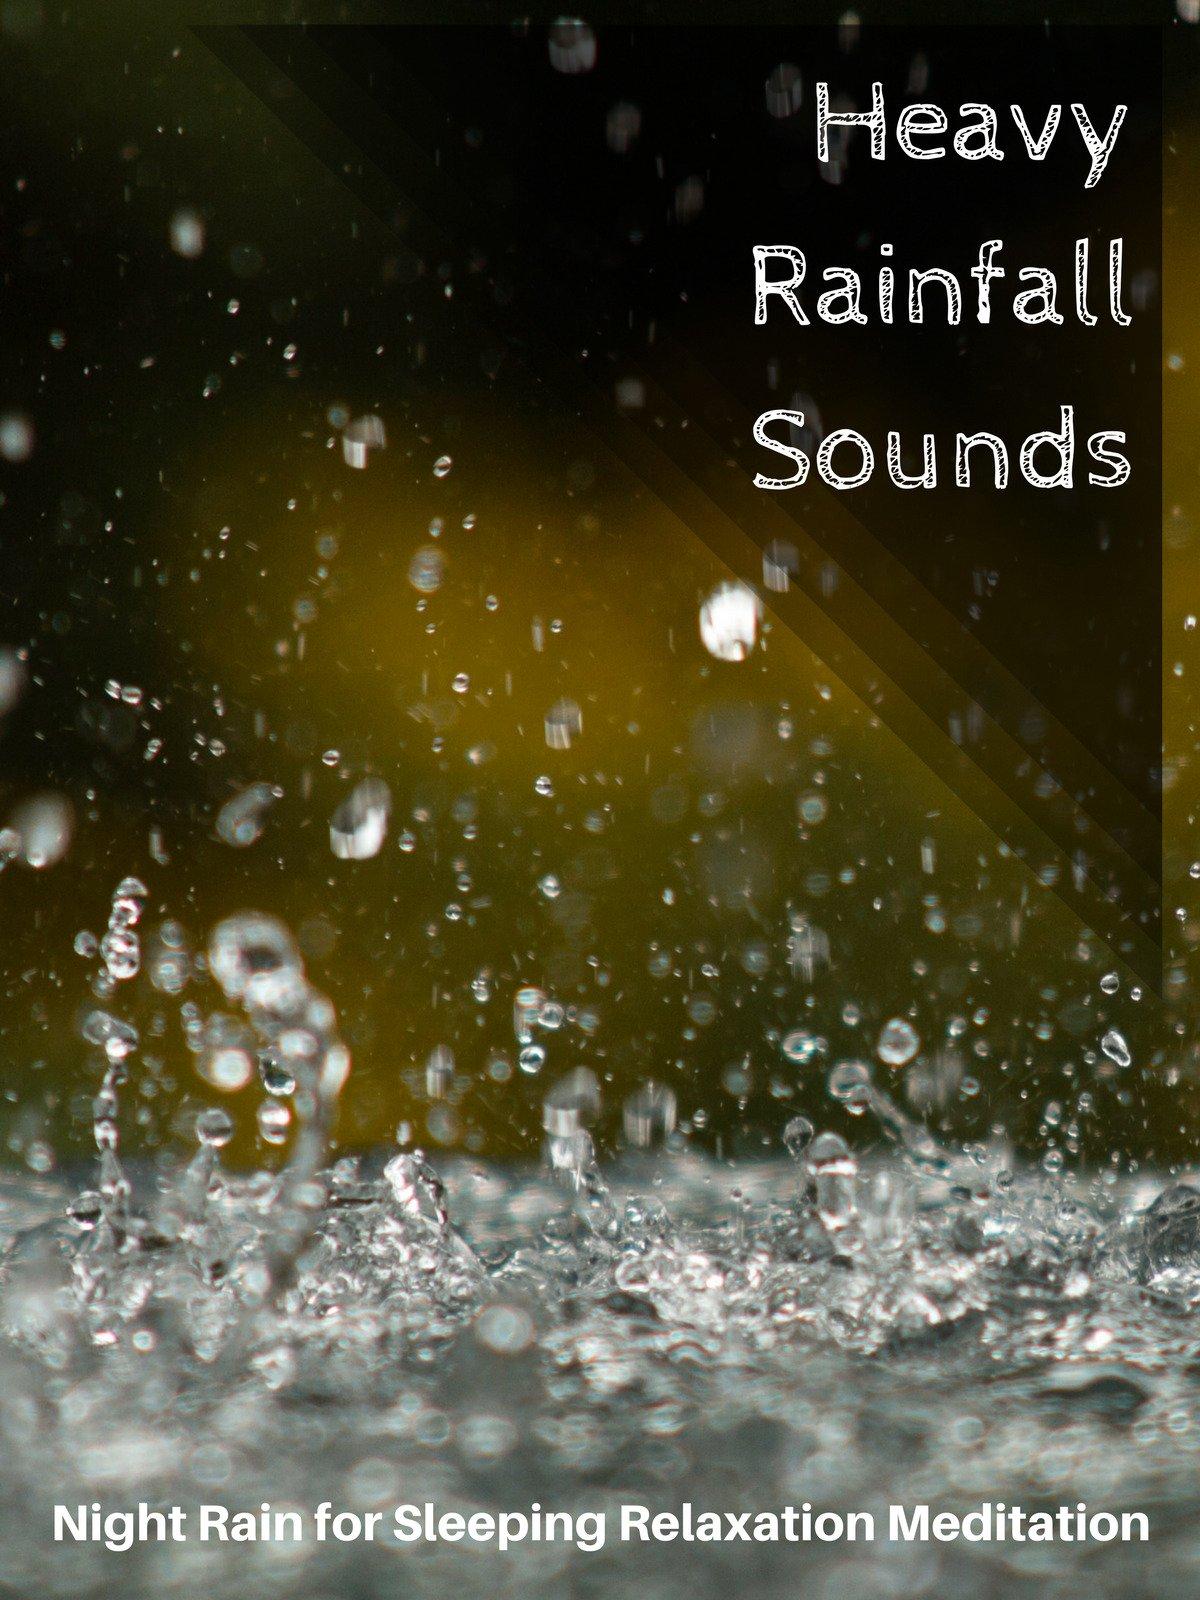 Heavy Rainfall Sounds